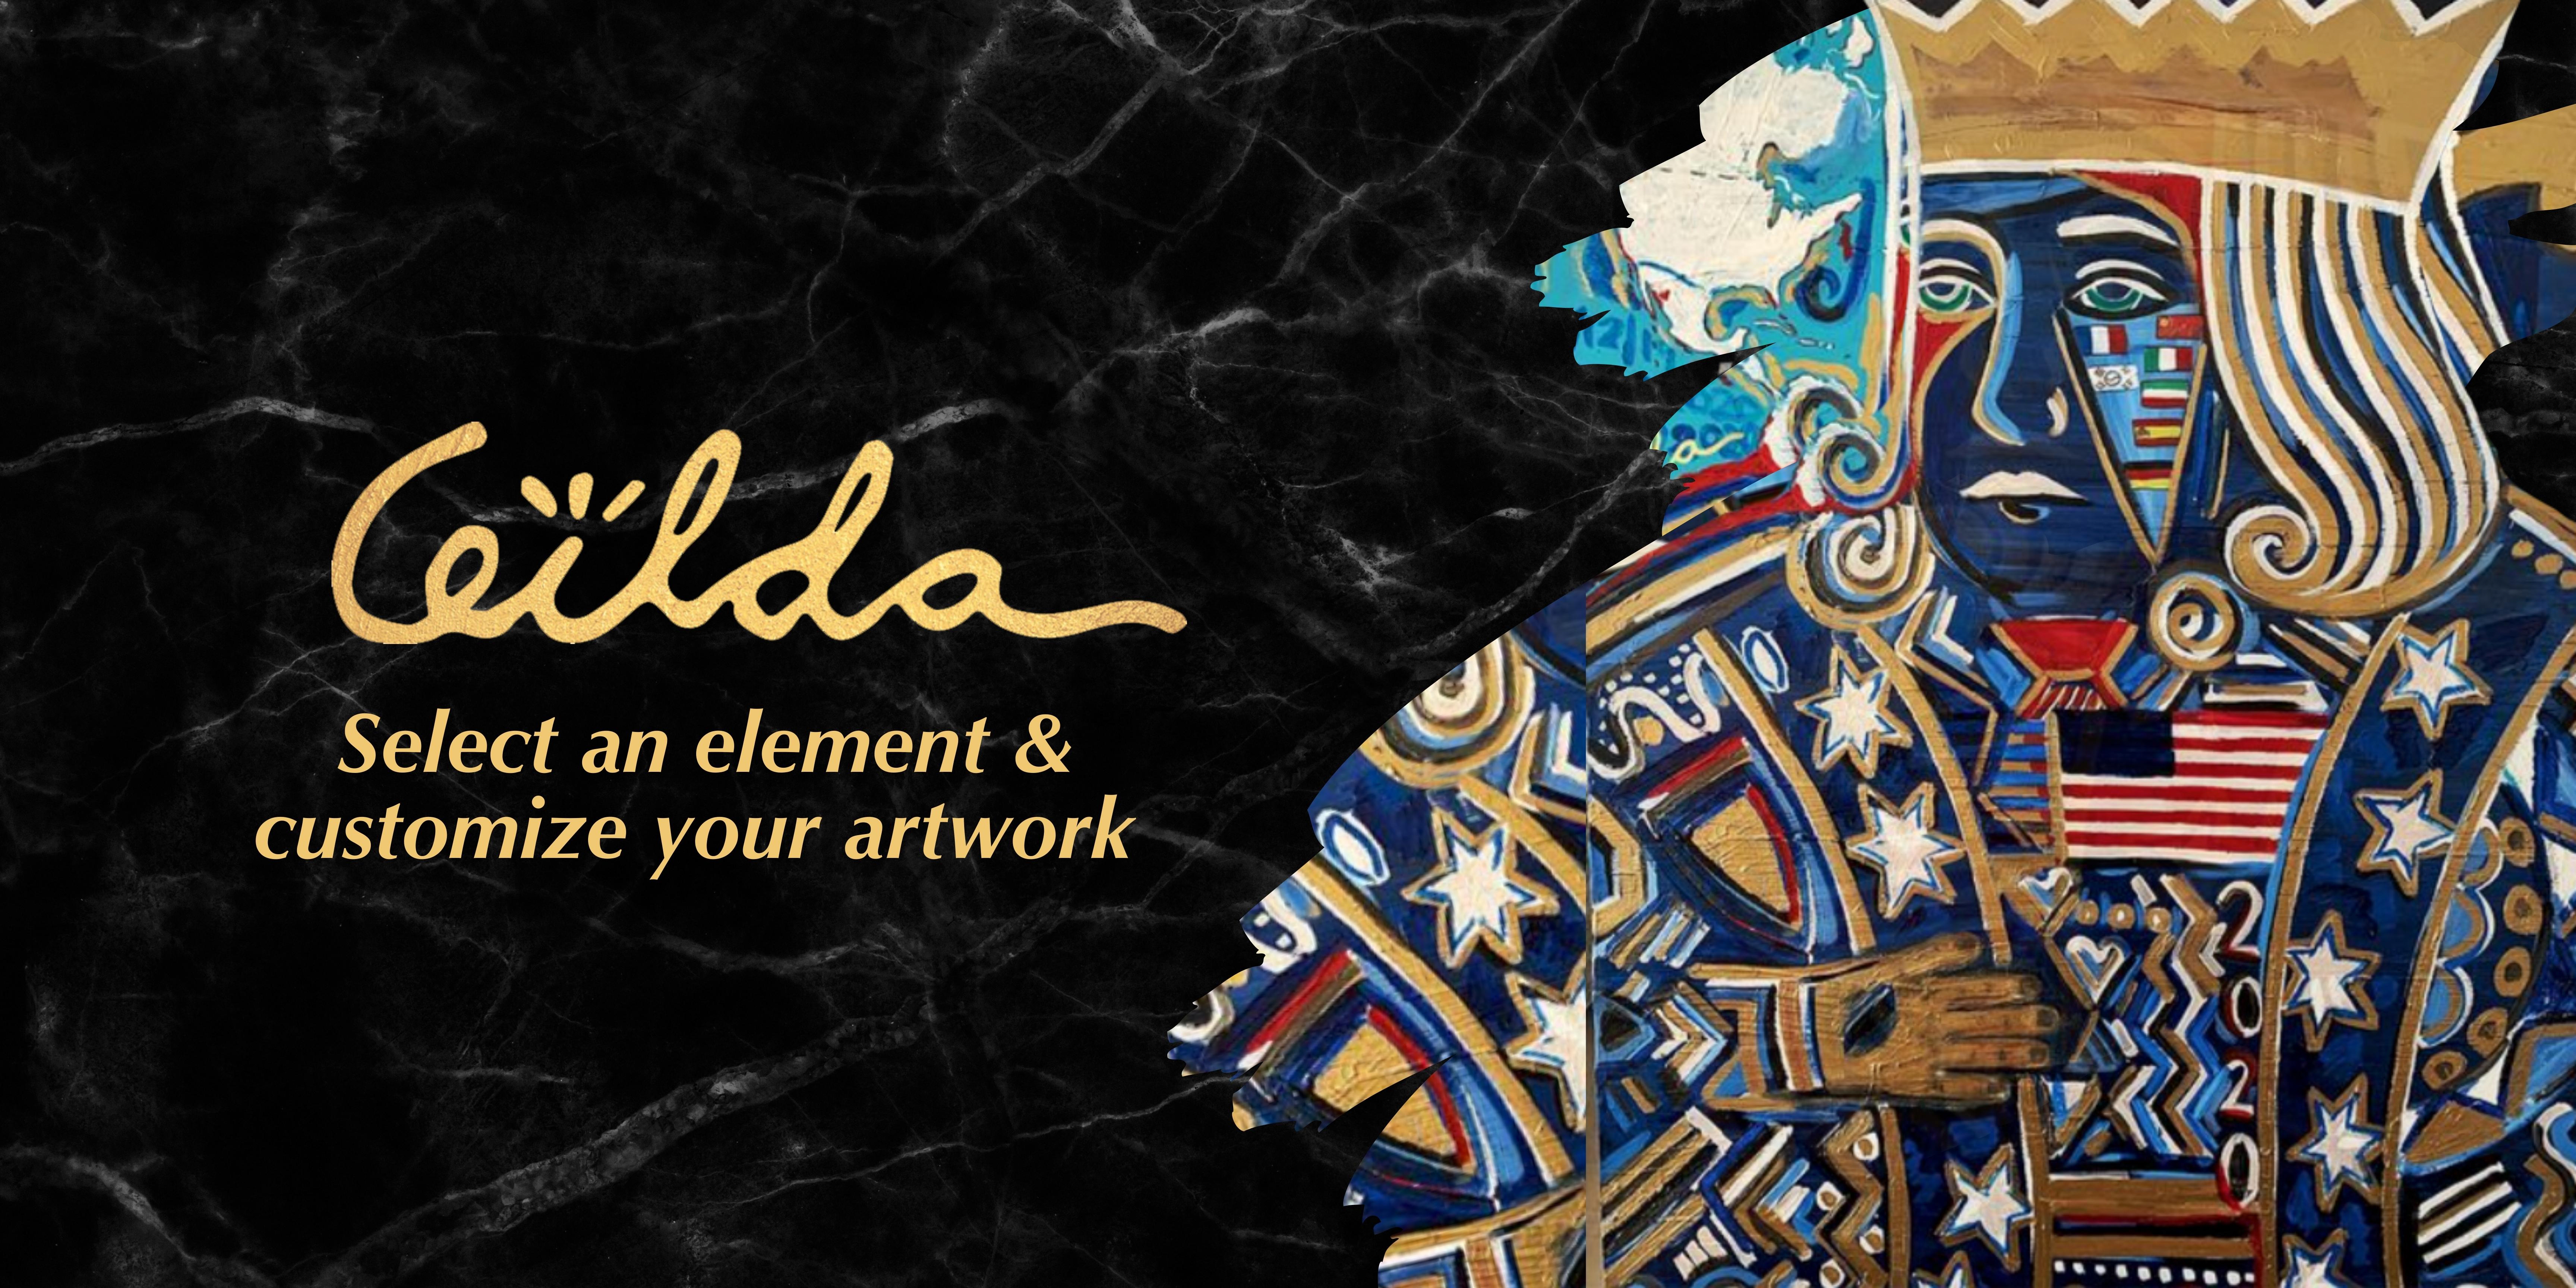 Visit te new series of Gilda Garza